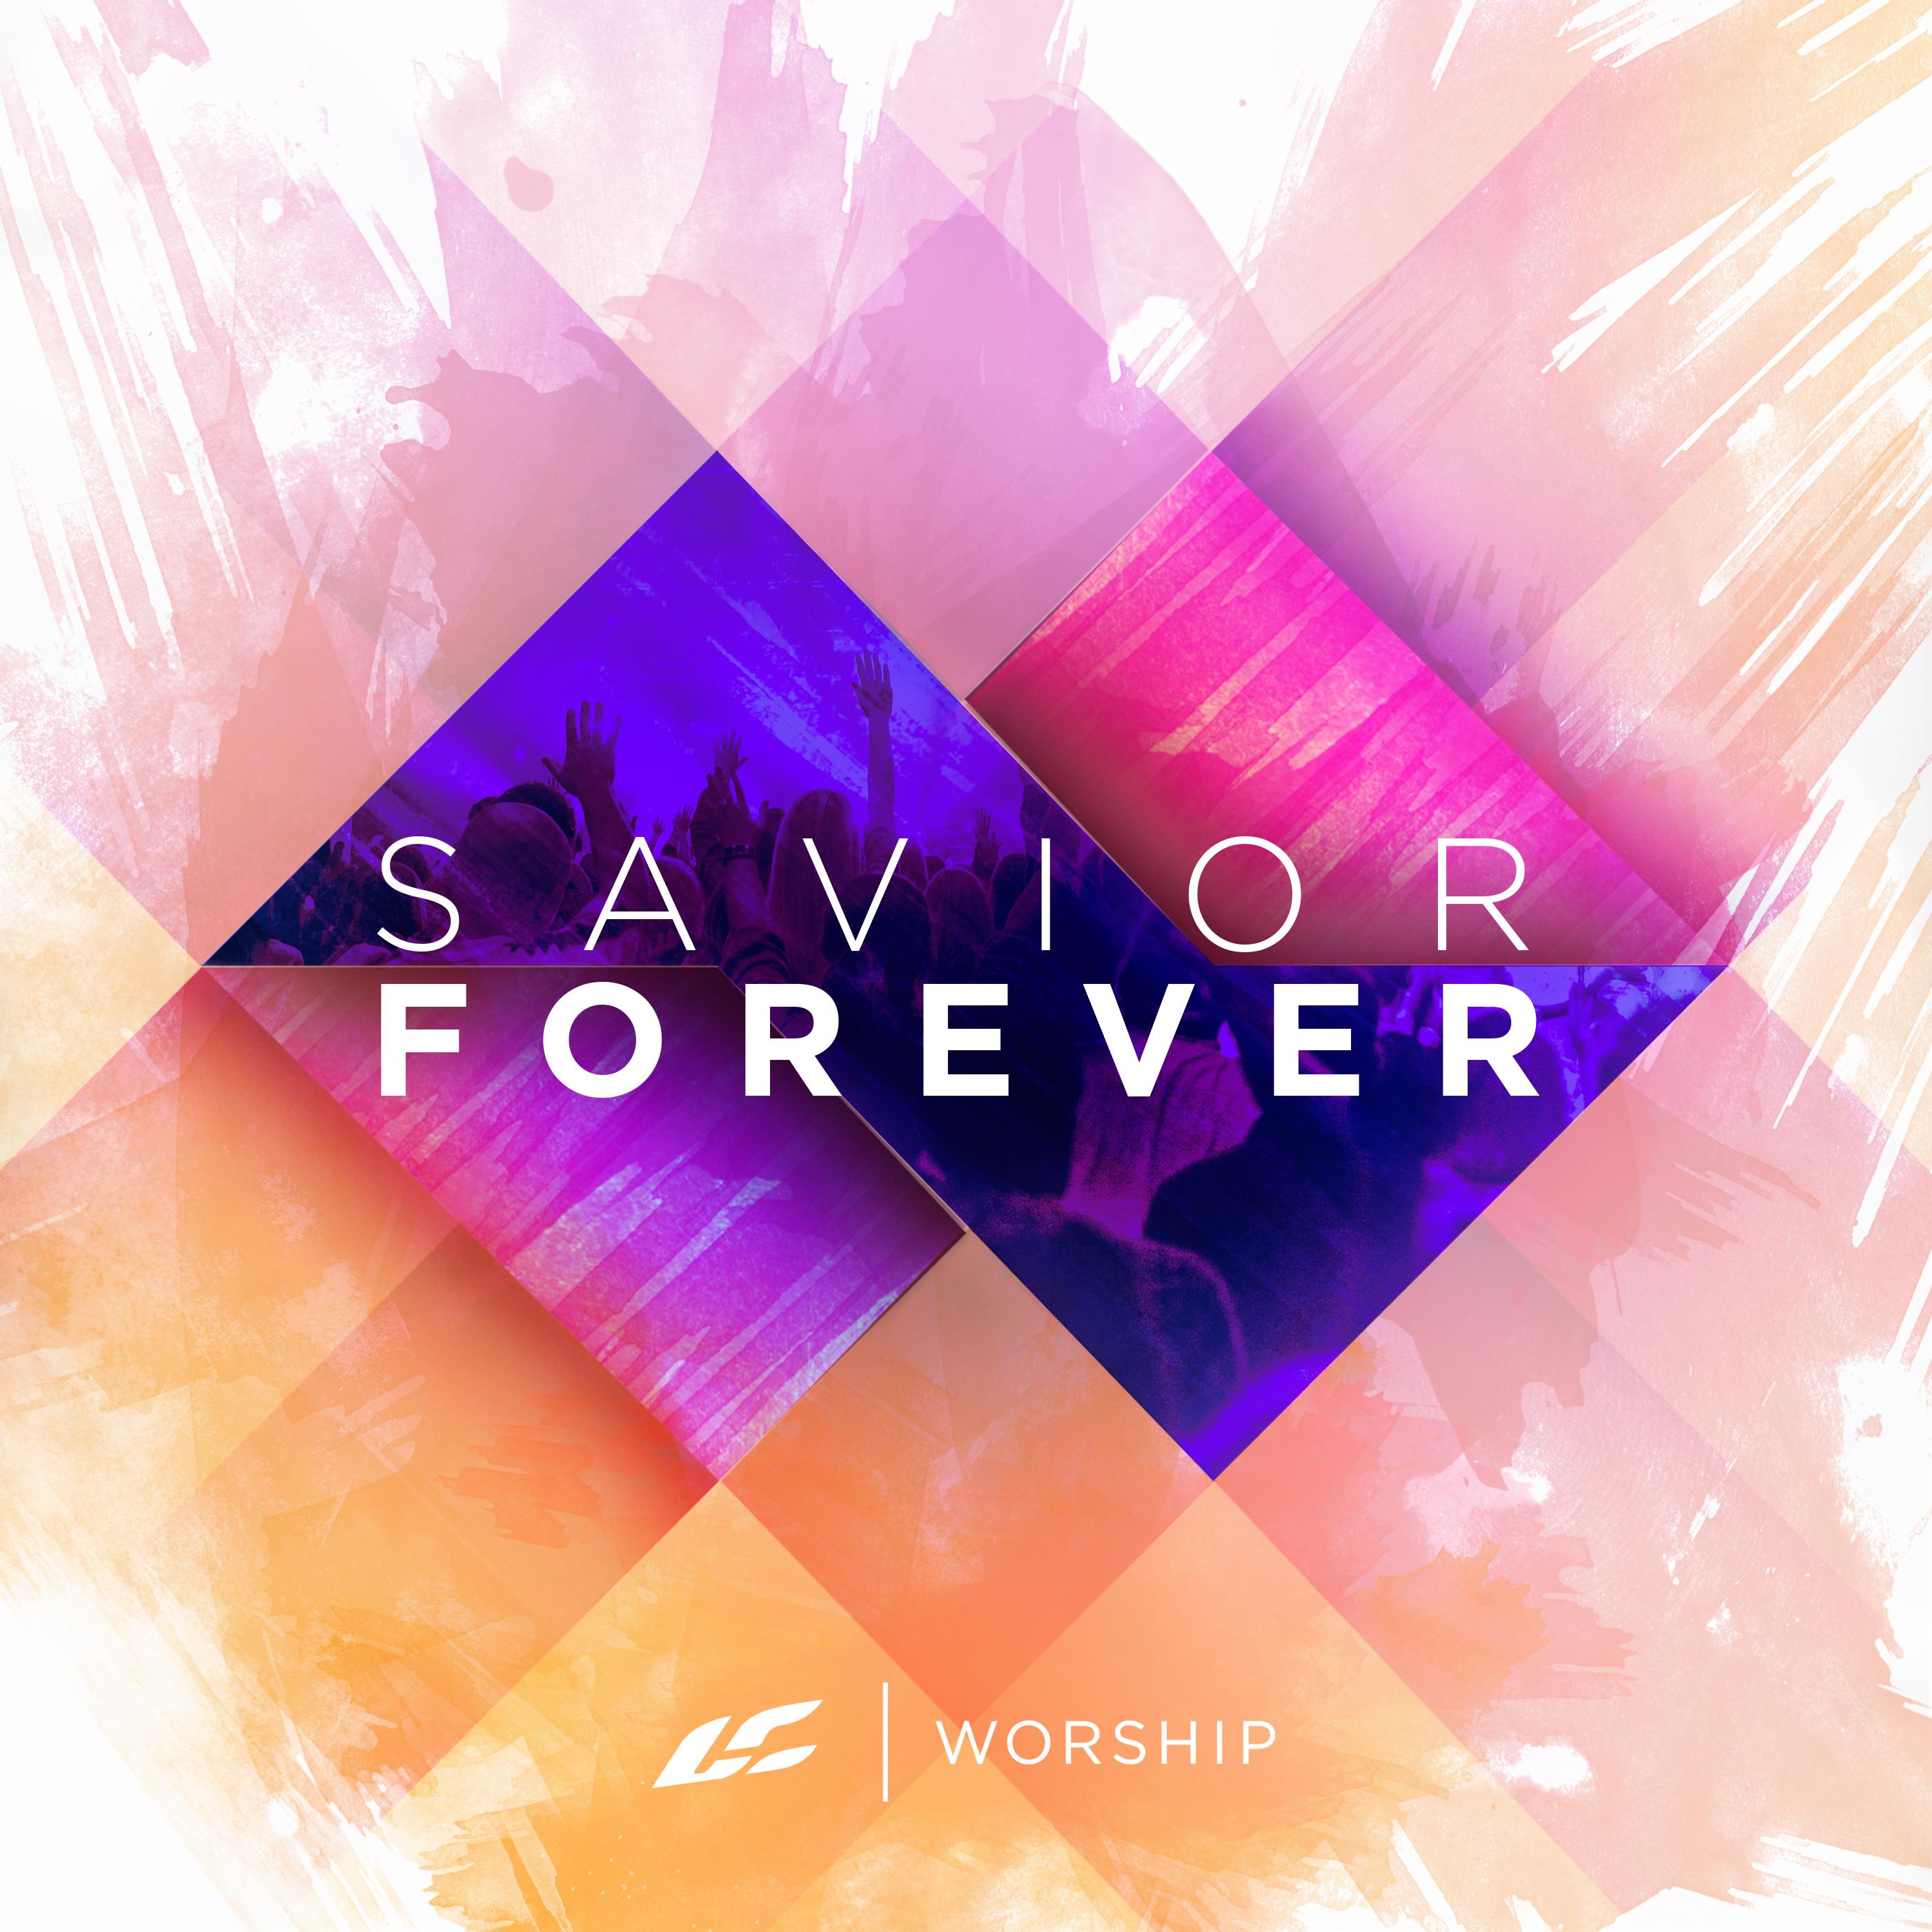 Savior Forever Artwork (JPG)